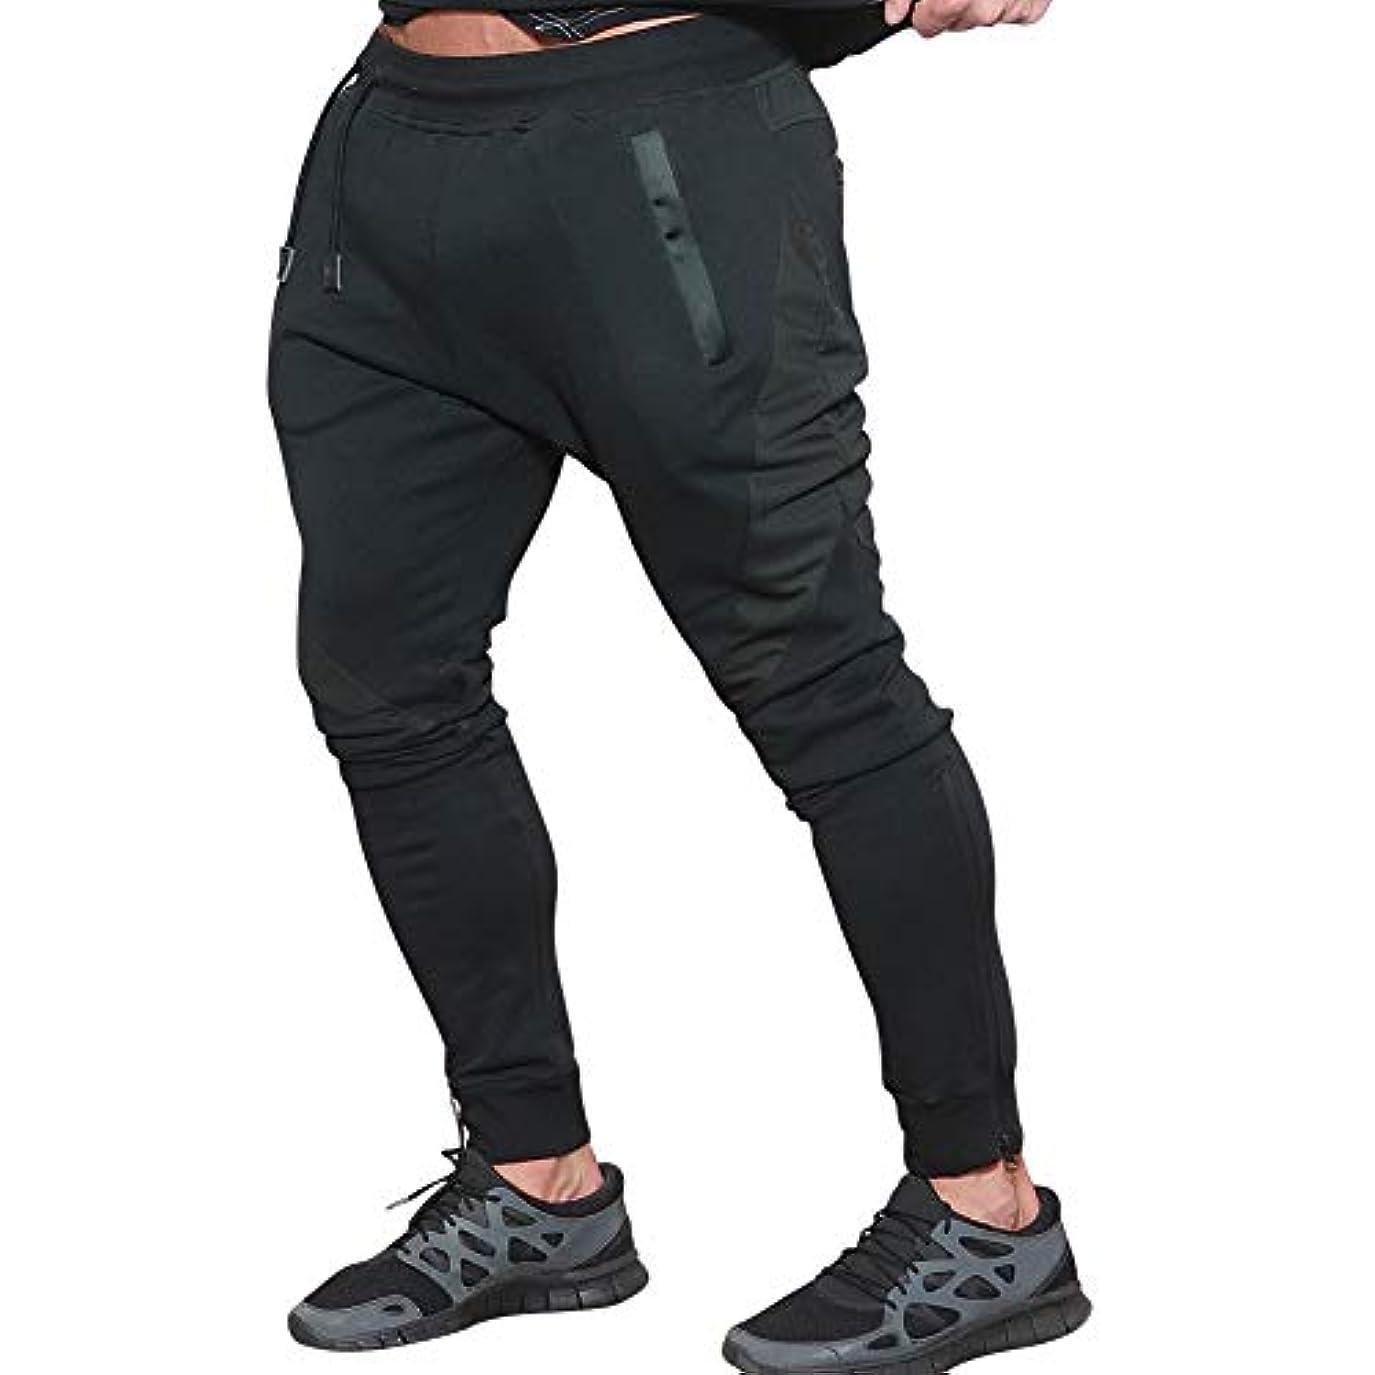 技術バケットパラダイスMECH-ENG(メチーエング)ロングパンツ トレーニングウェア メンズ スリムスウェットパンツ ジョガーパンツ